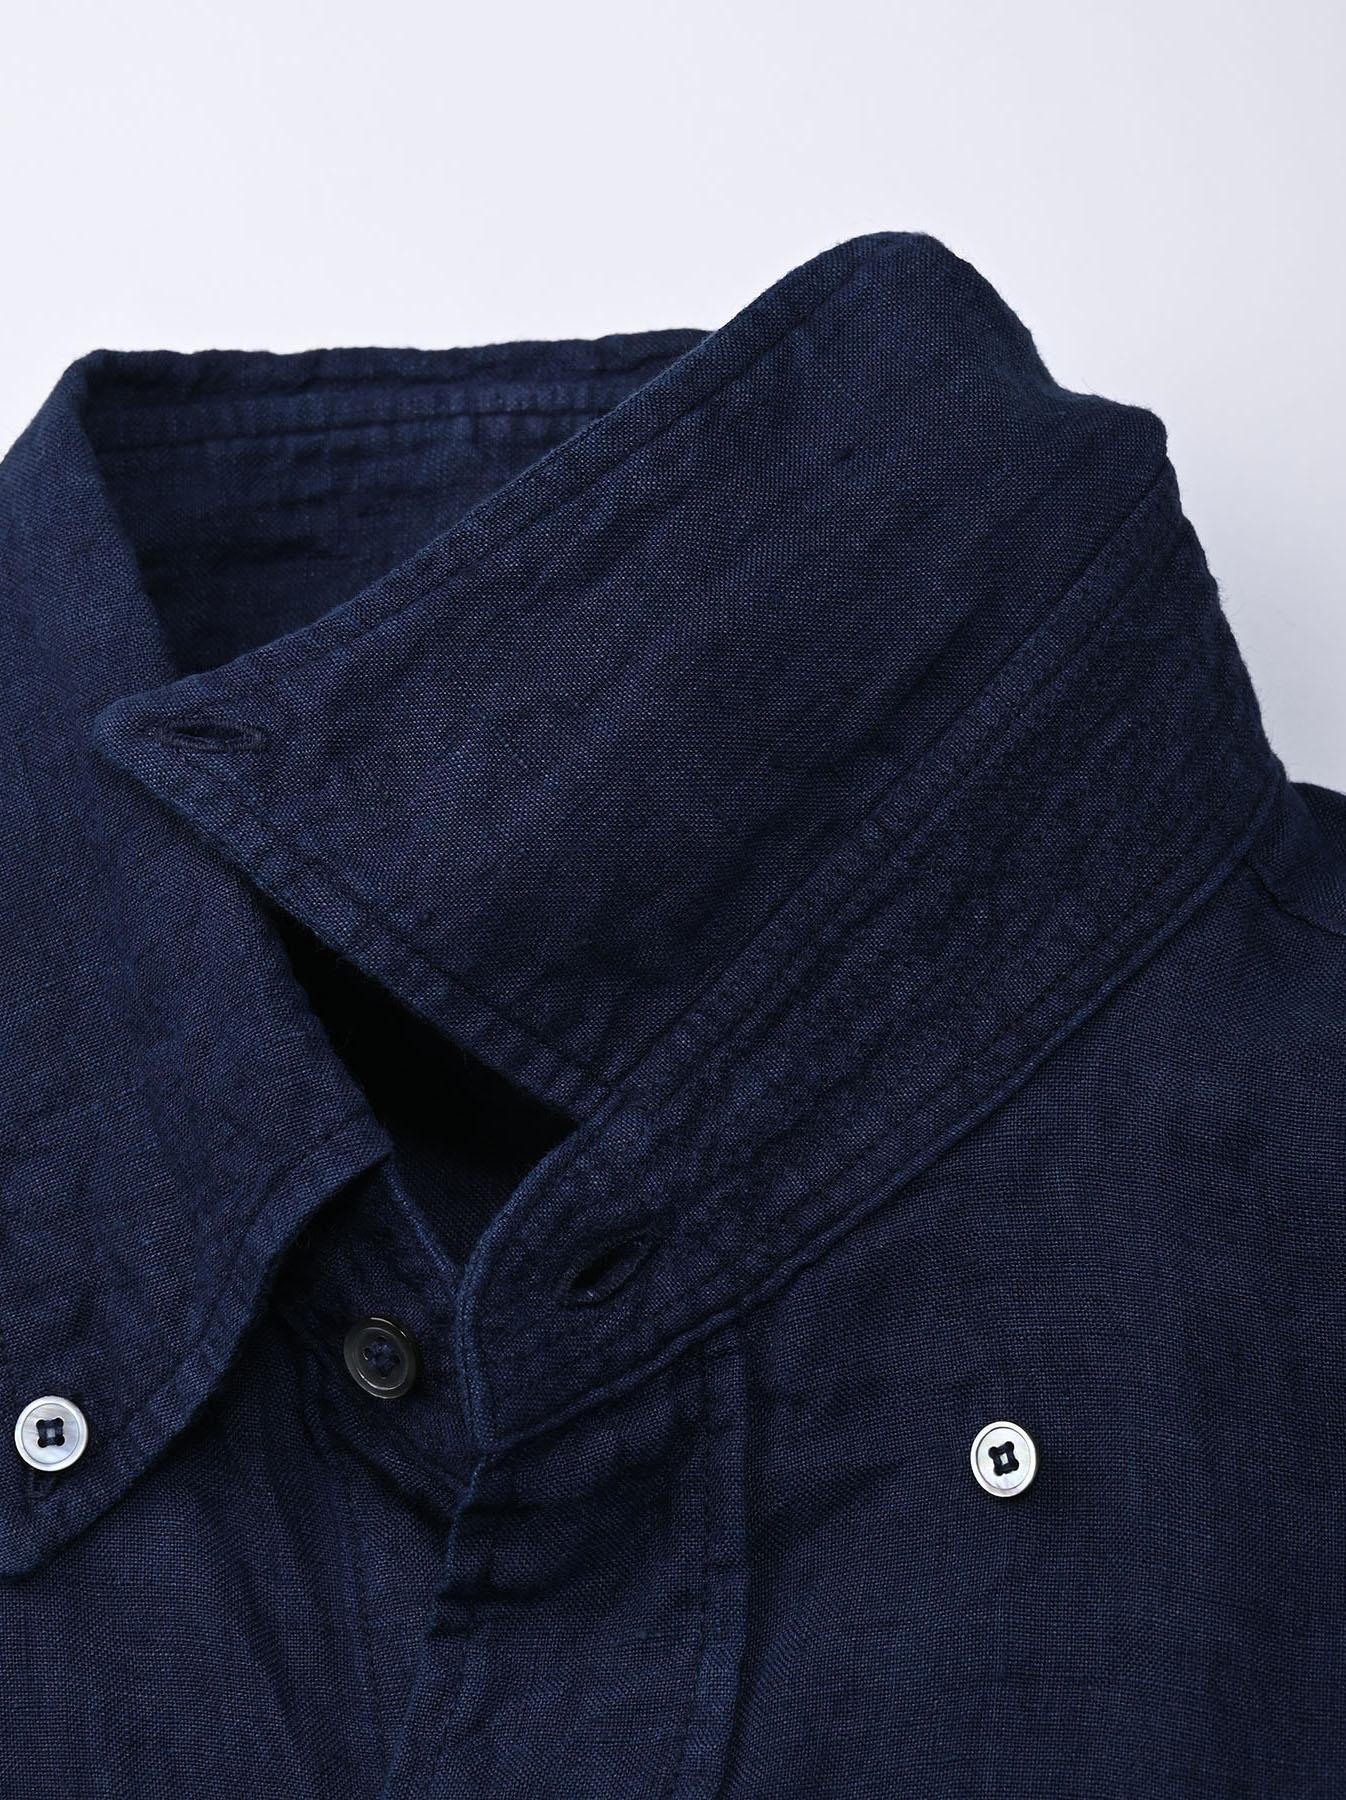 Indigo Indian Linen Flat 908 Ocean Shirt (0521)-8